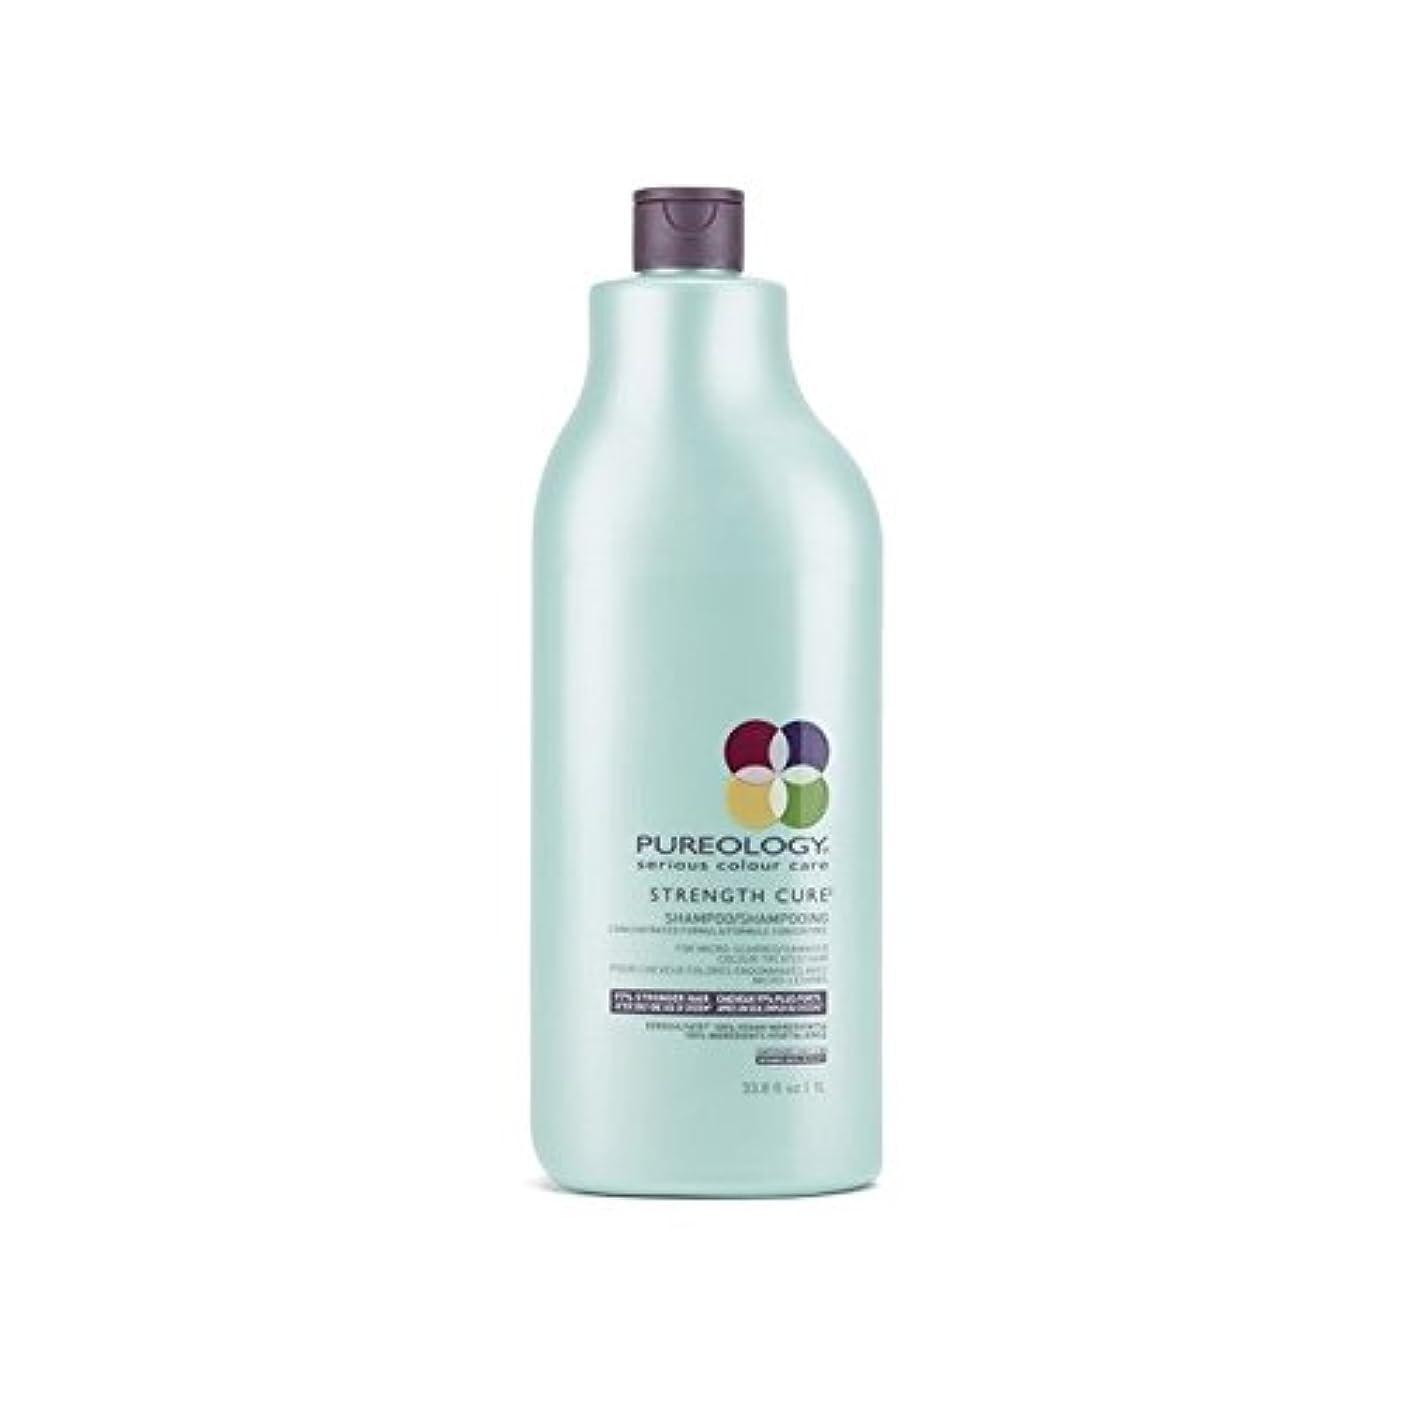 見る誇張早いPureology Strength Cure Shampoo (1000ml) - 強度硬化シャンプー(千ミリリットル) [並行輸入品]